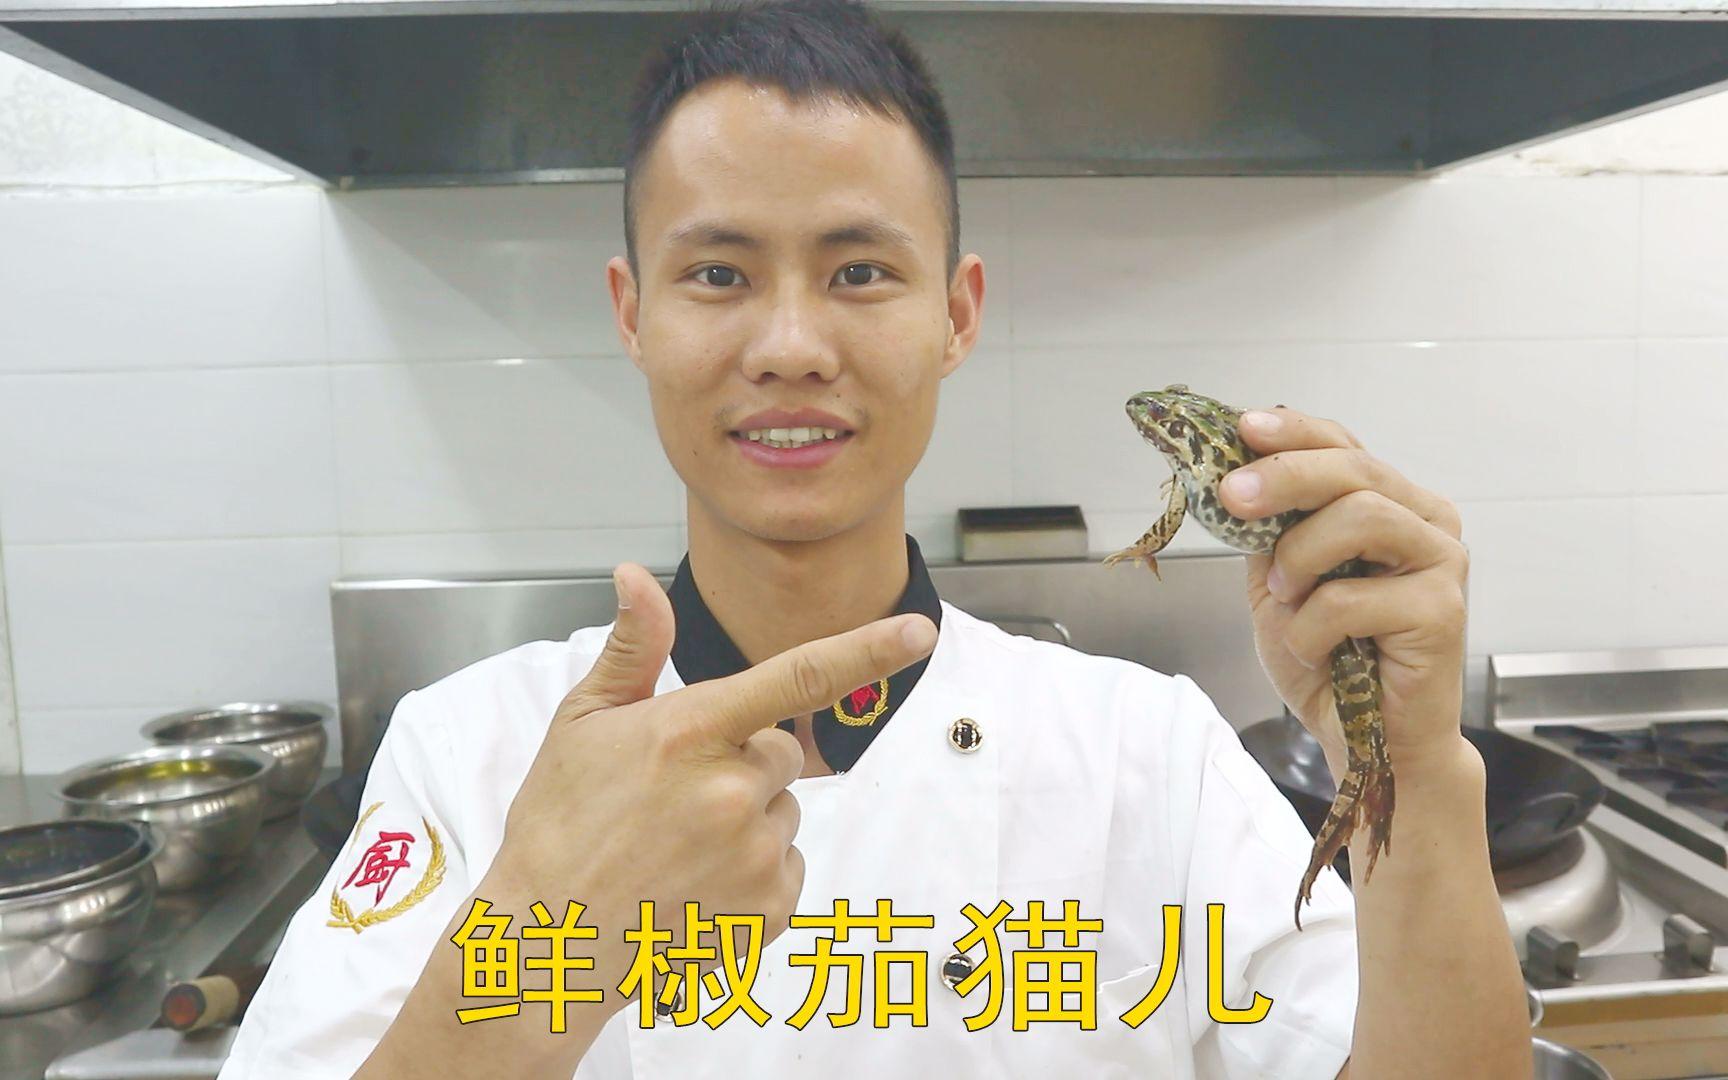 """厨师长教你:""""鲜椒小蛙""""的家常做法,味道很自贡,先收藏了"""